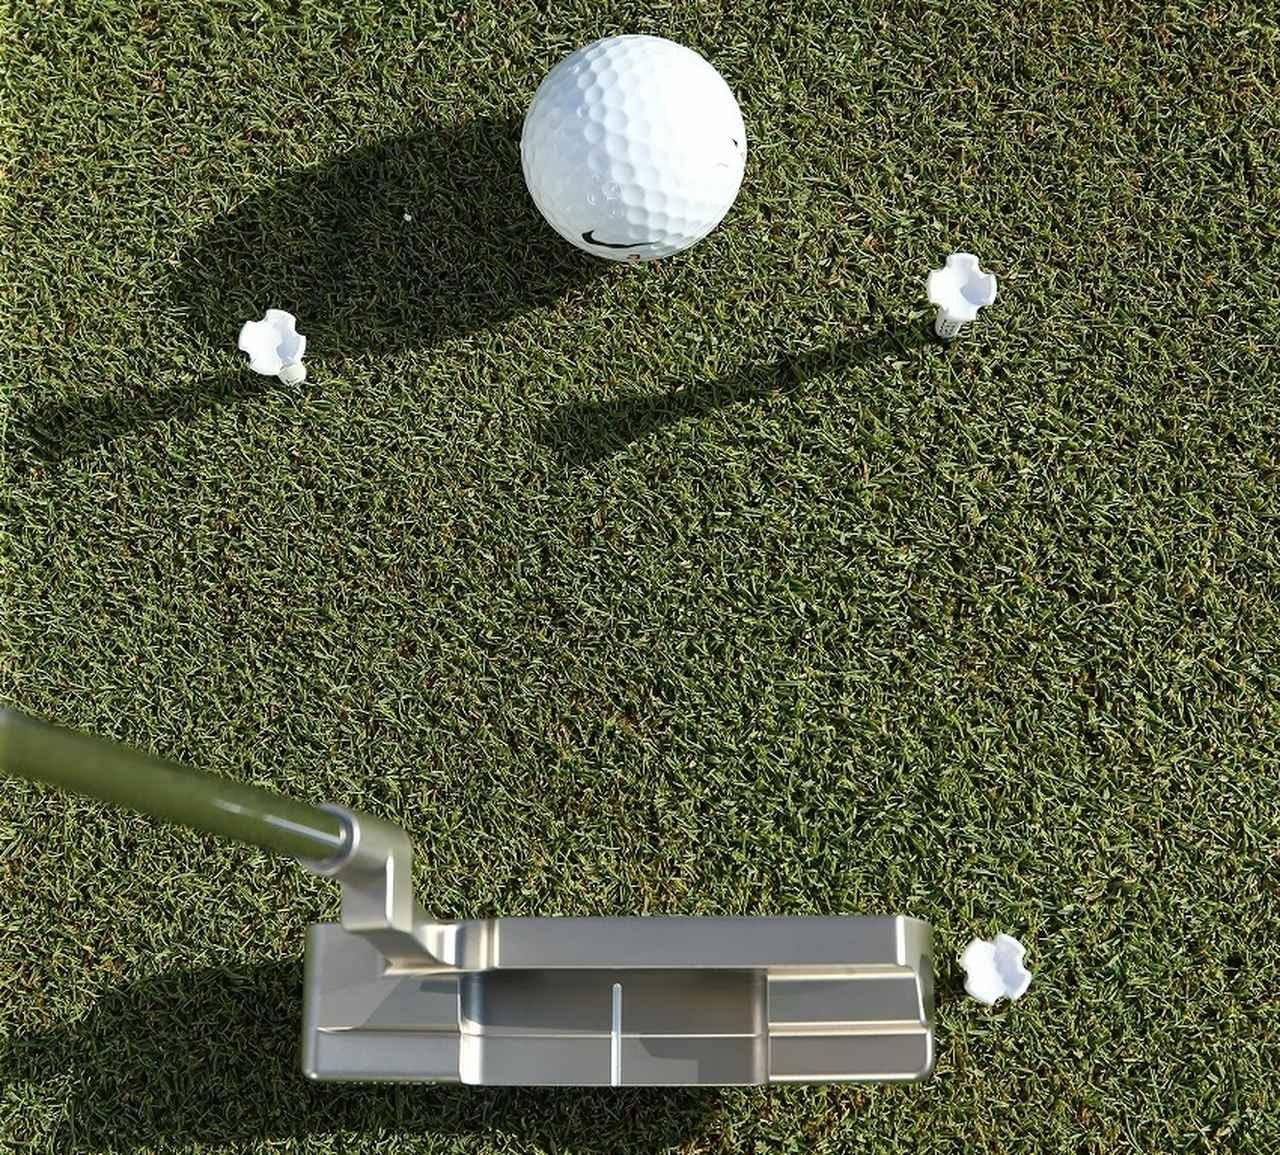 画像: ショートパットを決めるには始動の「15センチ」が大事です - みんなのゴルフダイジェスト